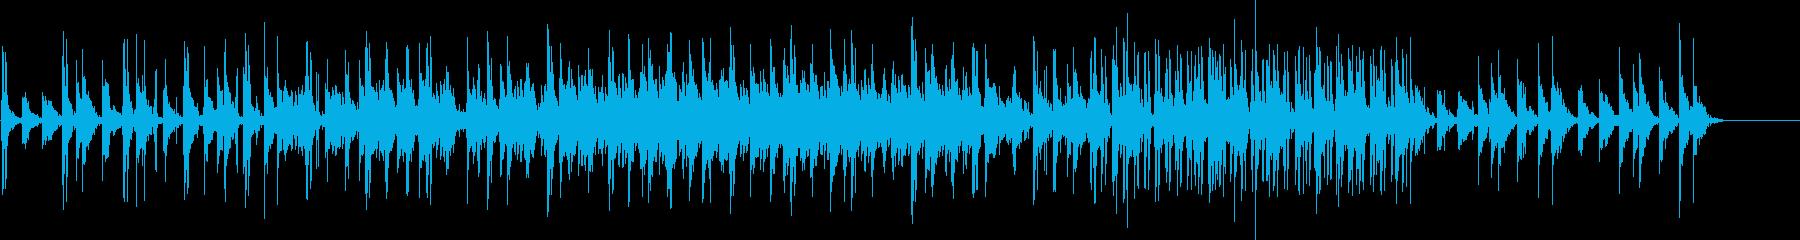 2014の再生済みの波形